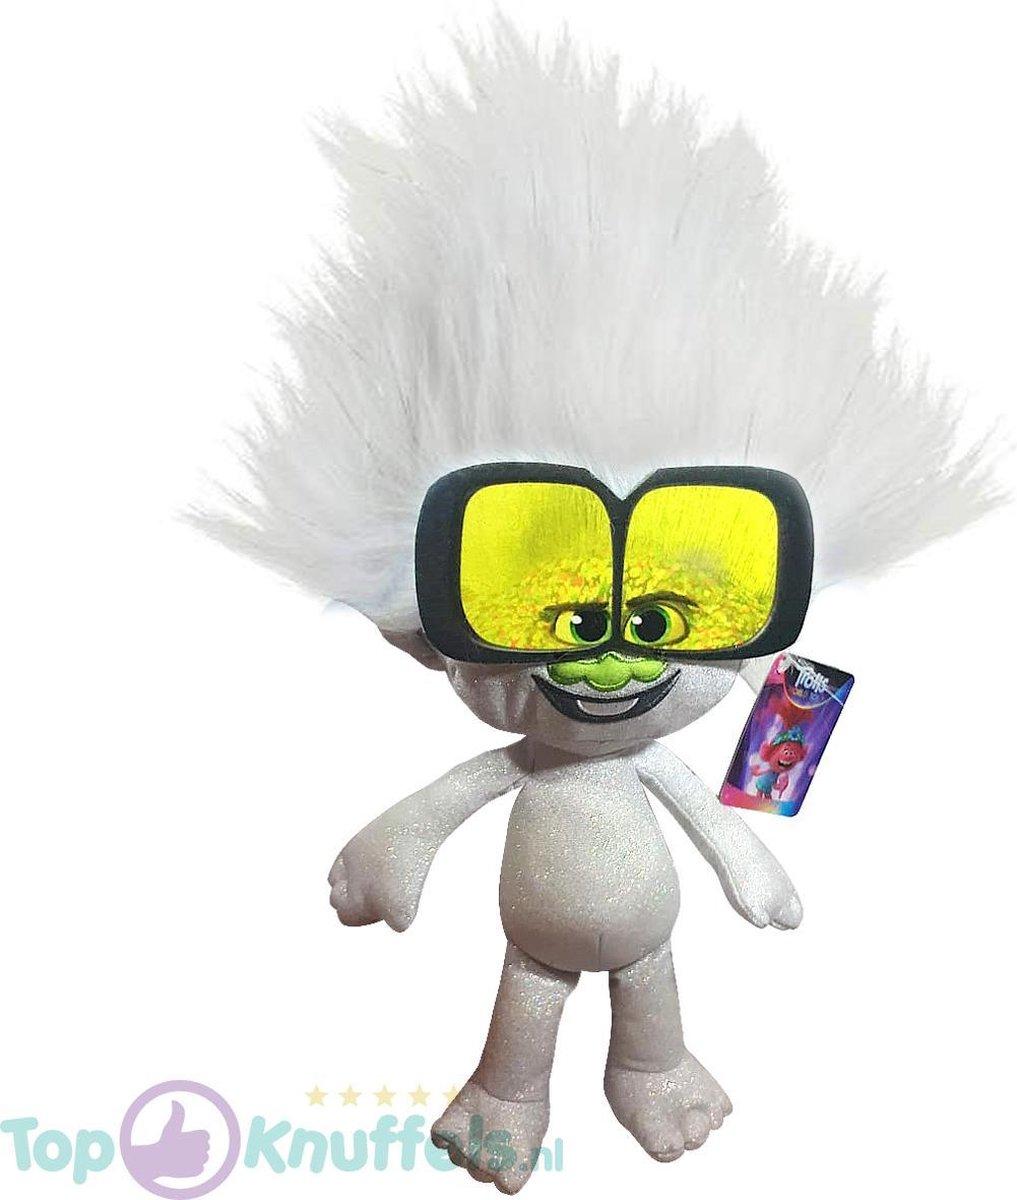 Tiny Diamond Trolls Pluche Knuffel 42 cm | Trolls Wereldtour | Trolls World tour | Trols Plush | Poppy & Friends | Guy Diamond